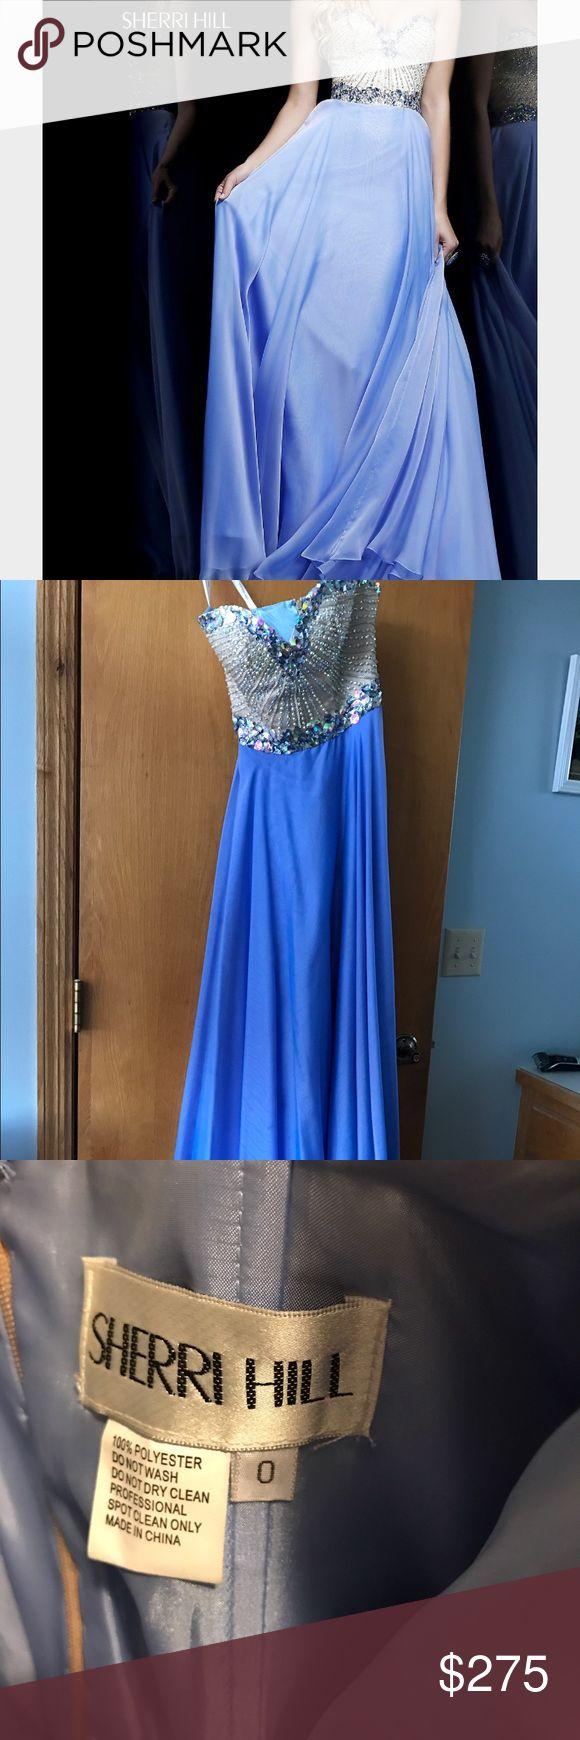 Sherri Hill Prom Dress Worn once & looks brand new! Sherri Hill Dresses Prom